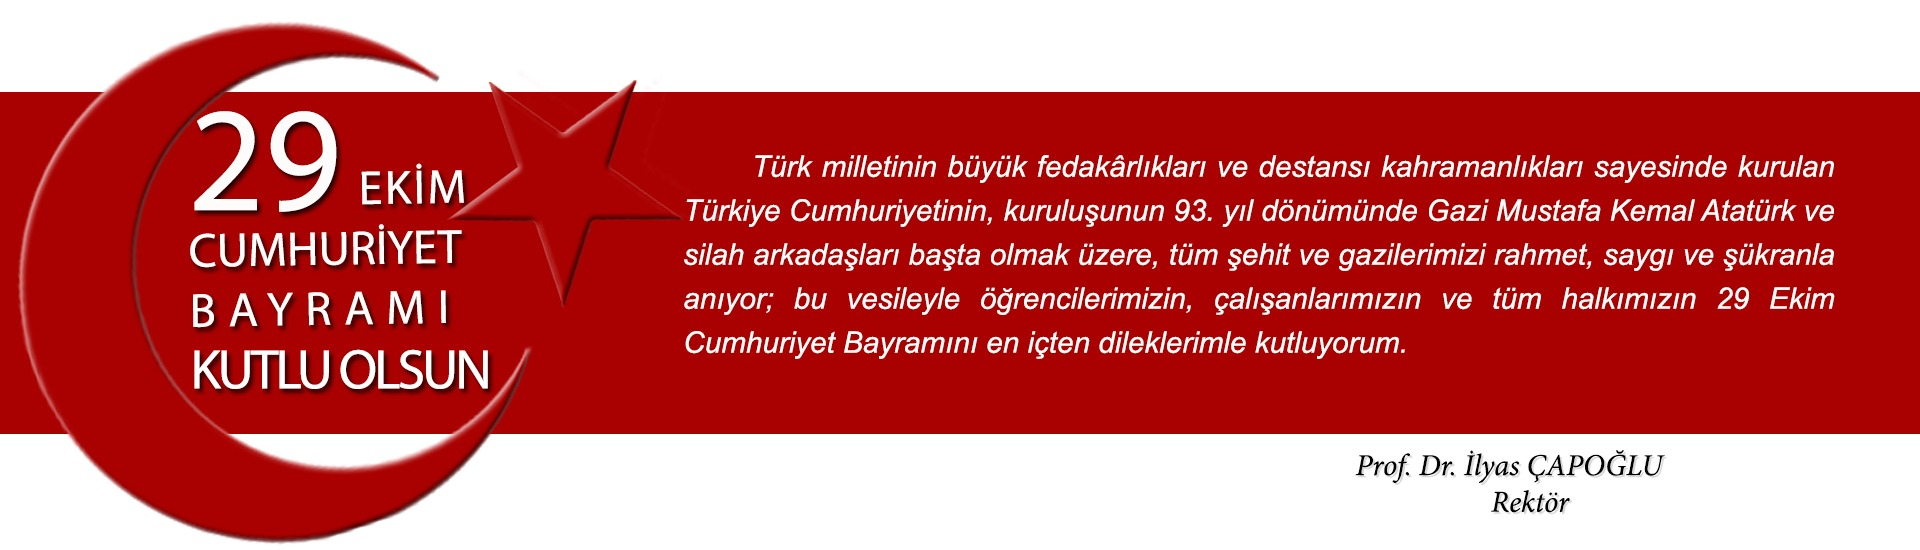 Erzincan-Üniversitesi-Yeni-Web29 Ekim